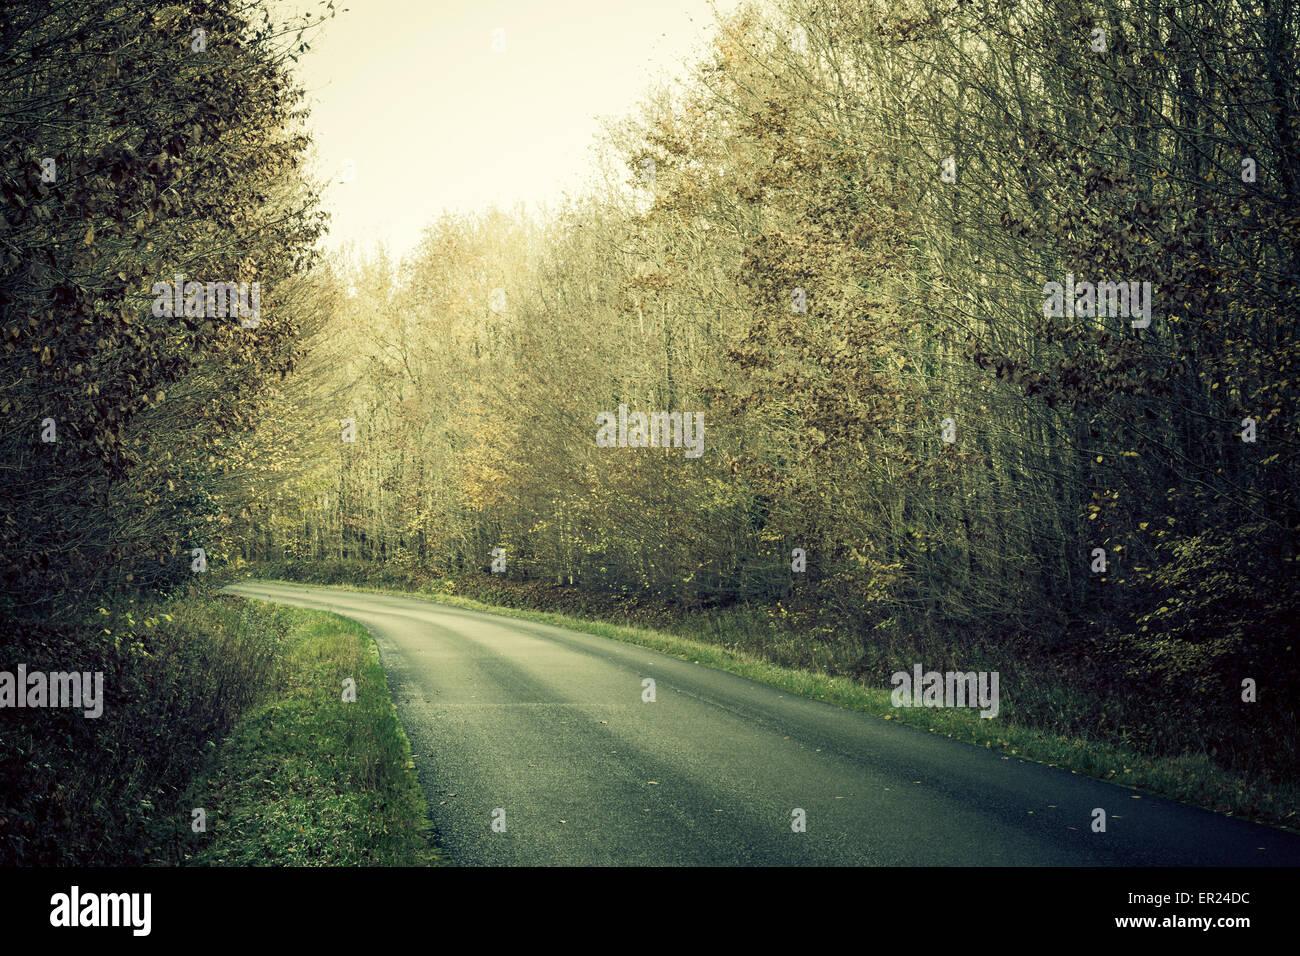 Straße Holz Bäume Indre-et-Loire-Frankreich Stockbild